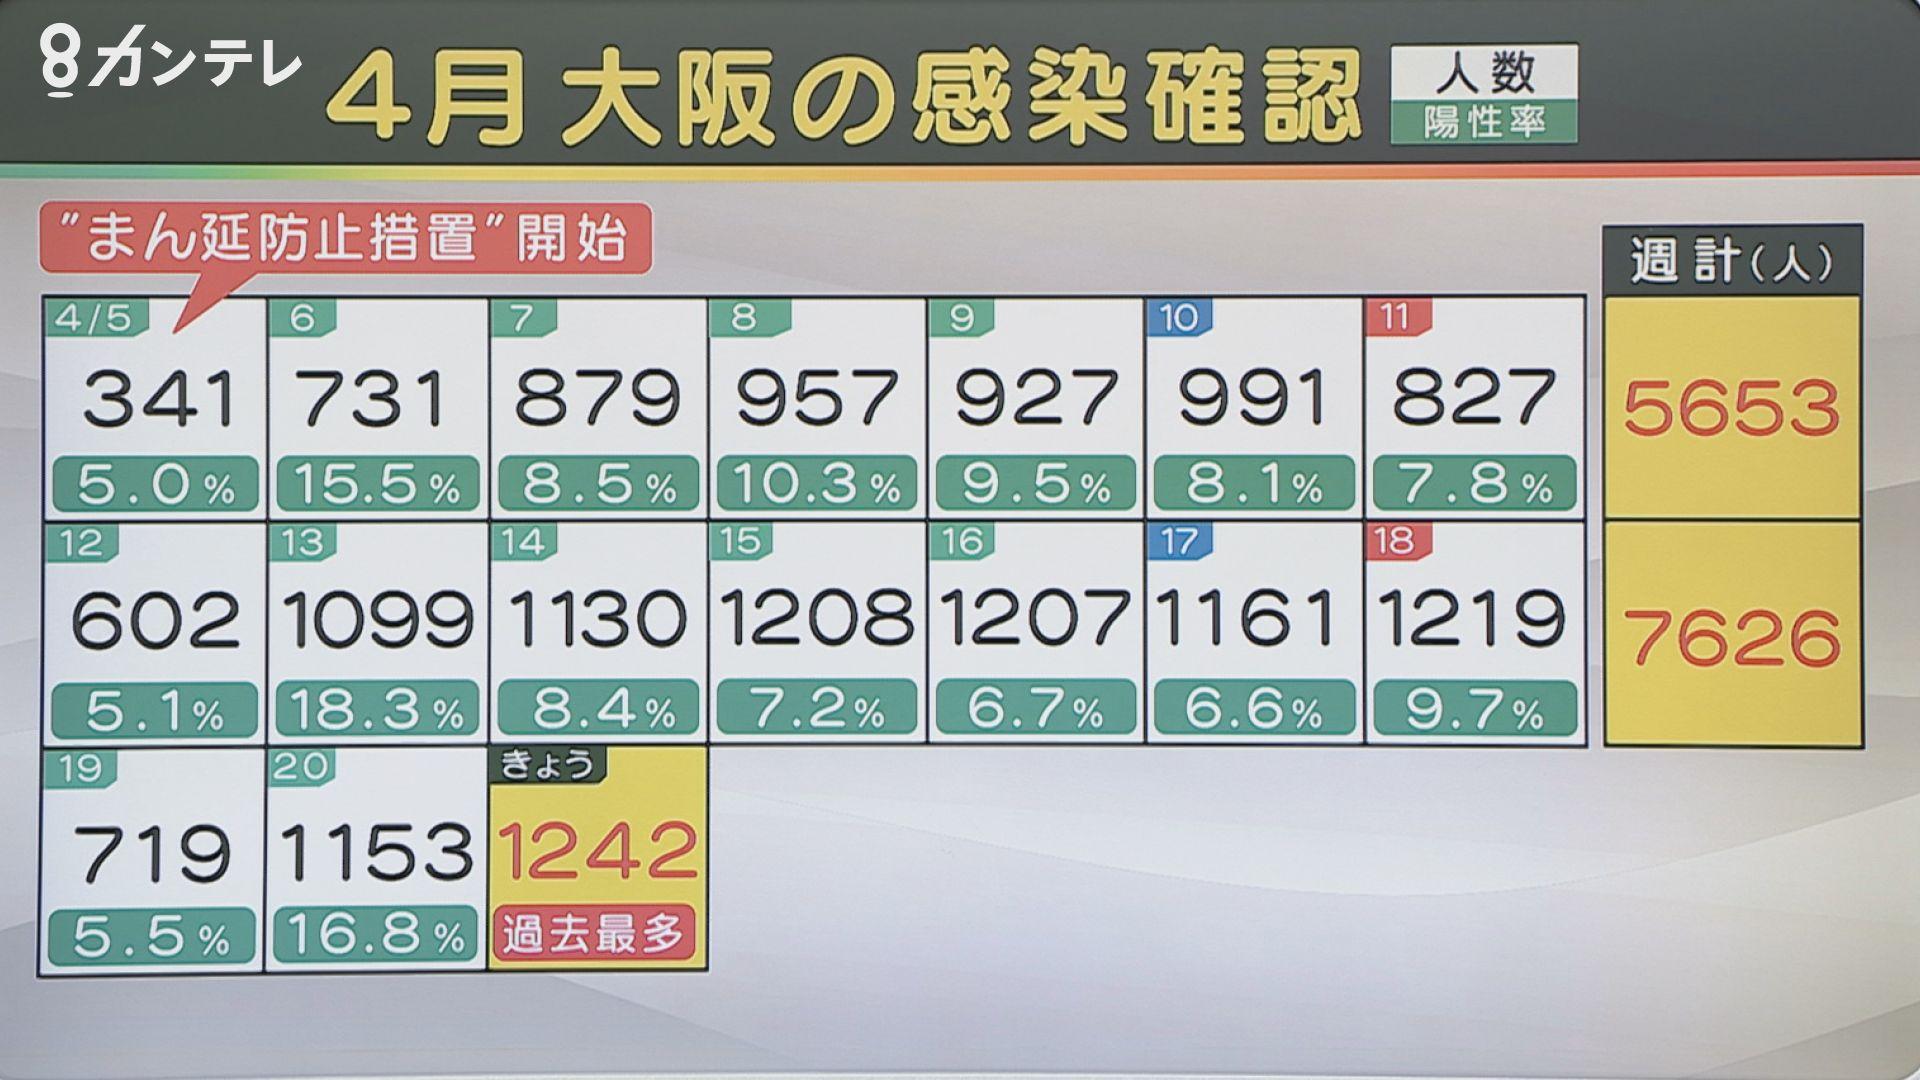 【速報】大阪で新たに1242人の感染確認 過去最多 20人死亡